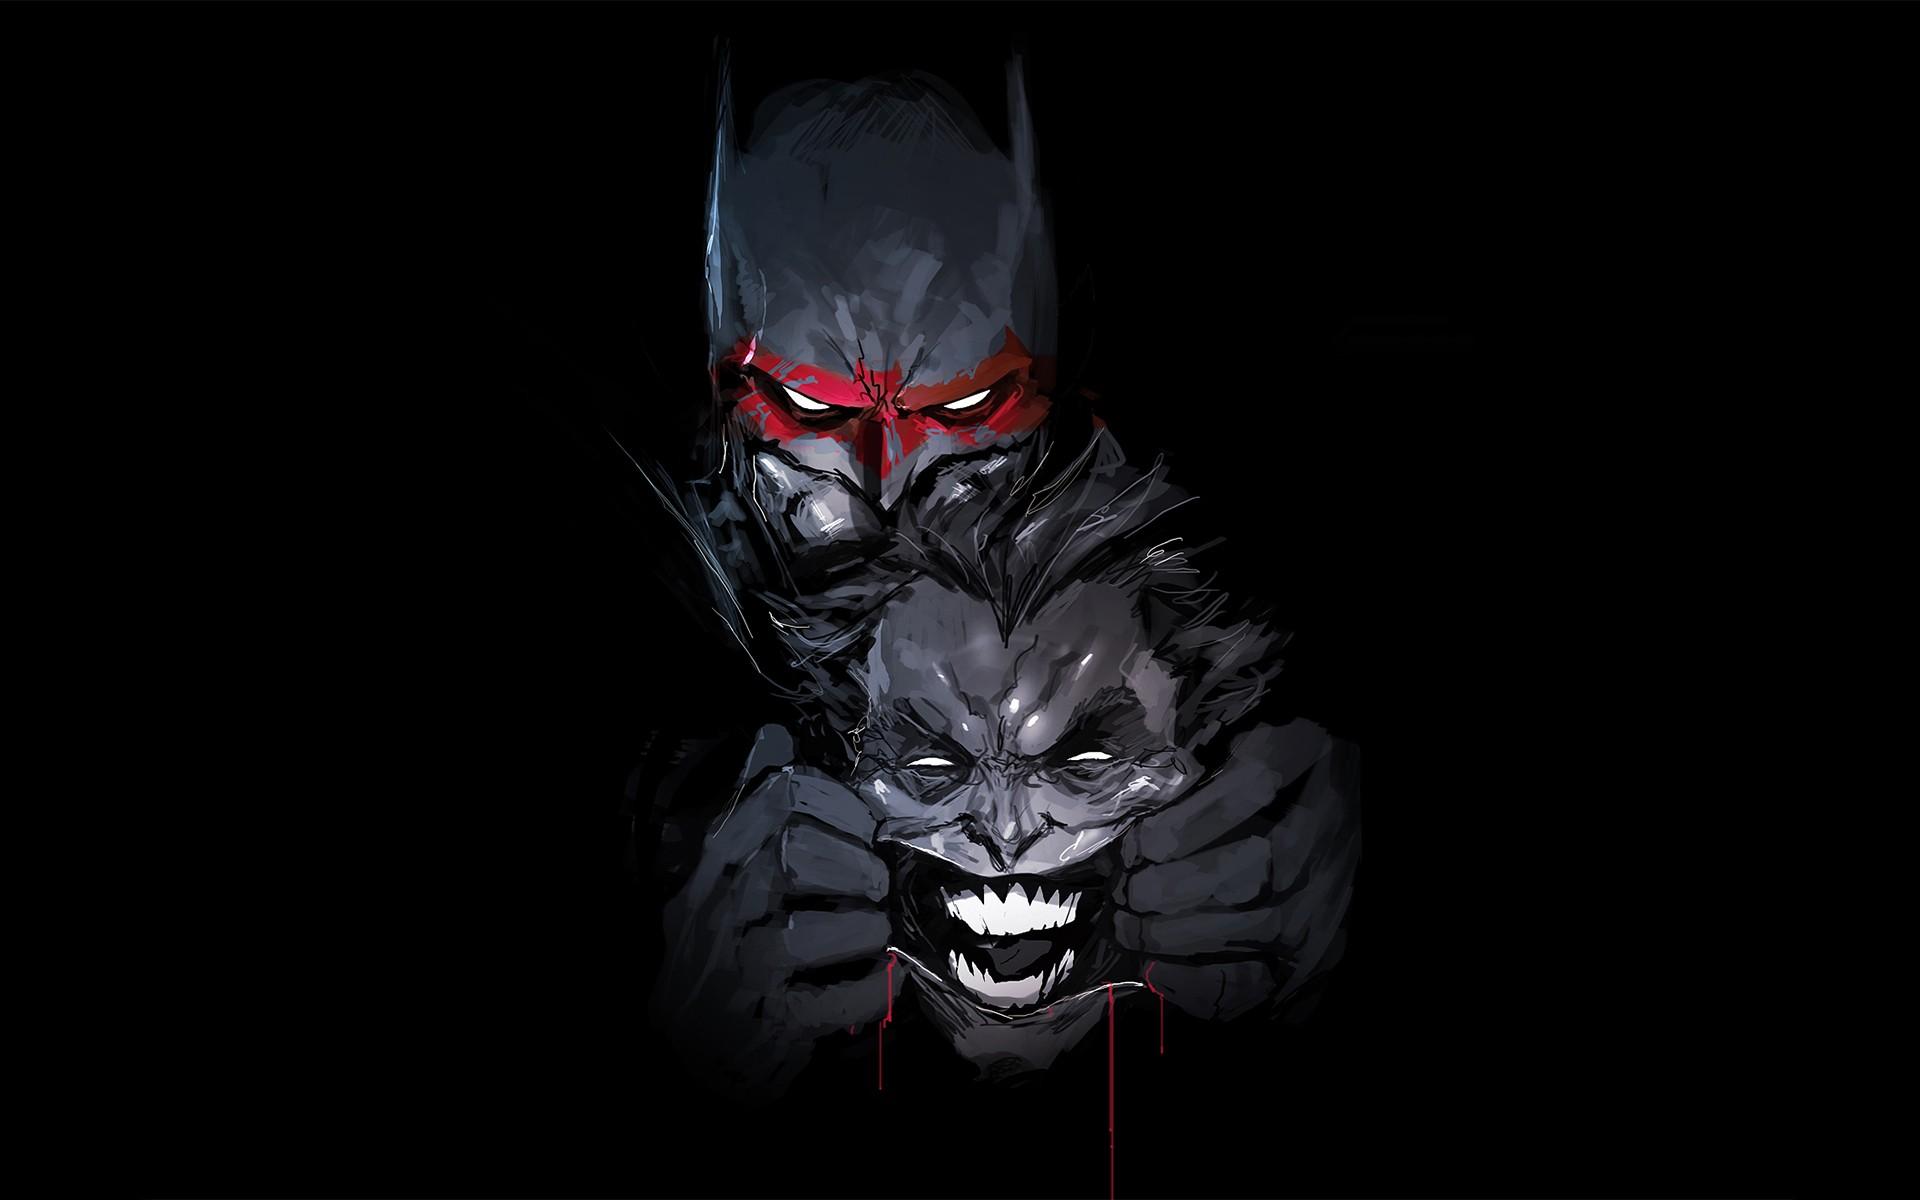 batman joker artwork hd artist 4k wallpapers images